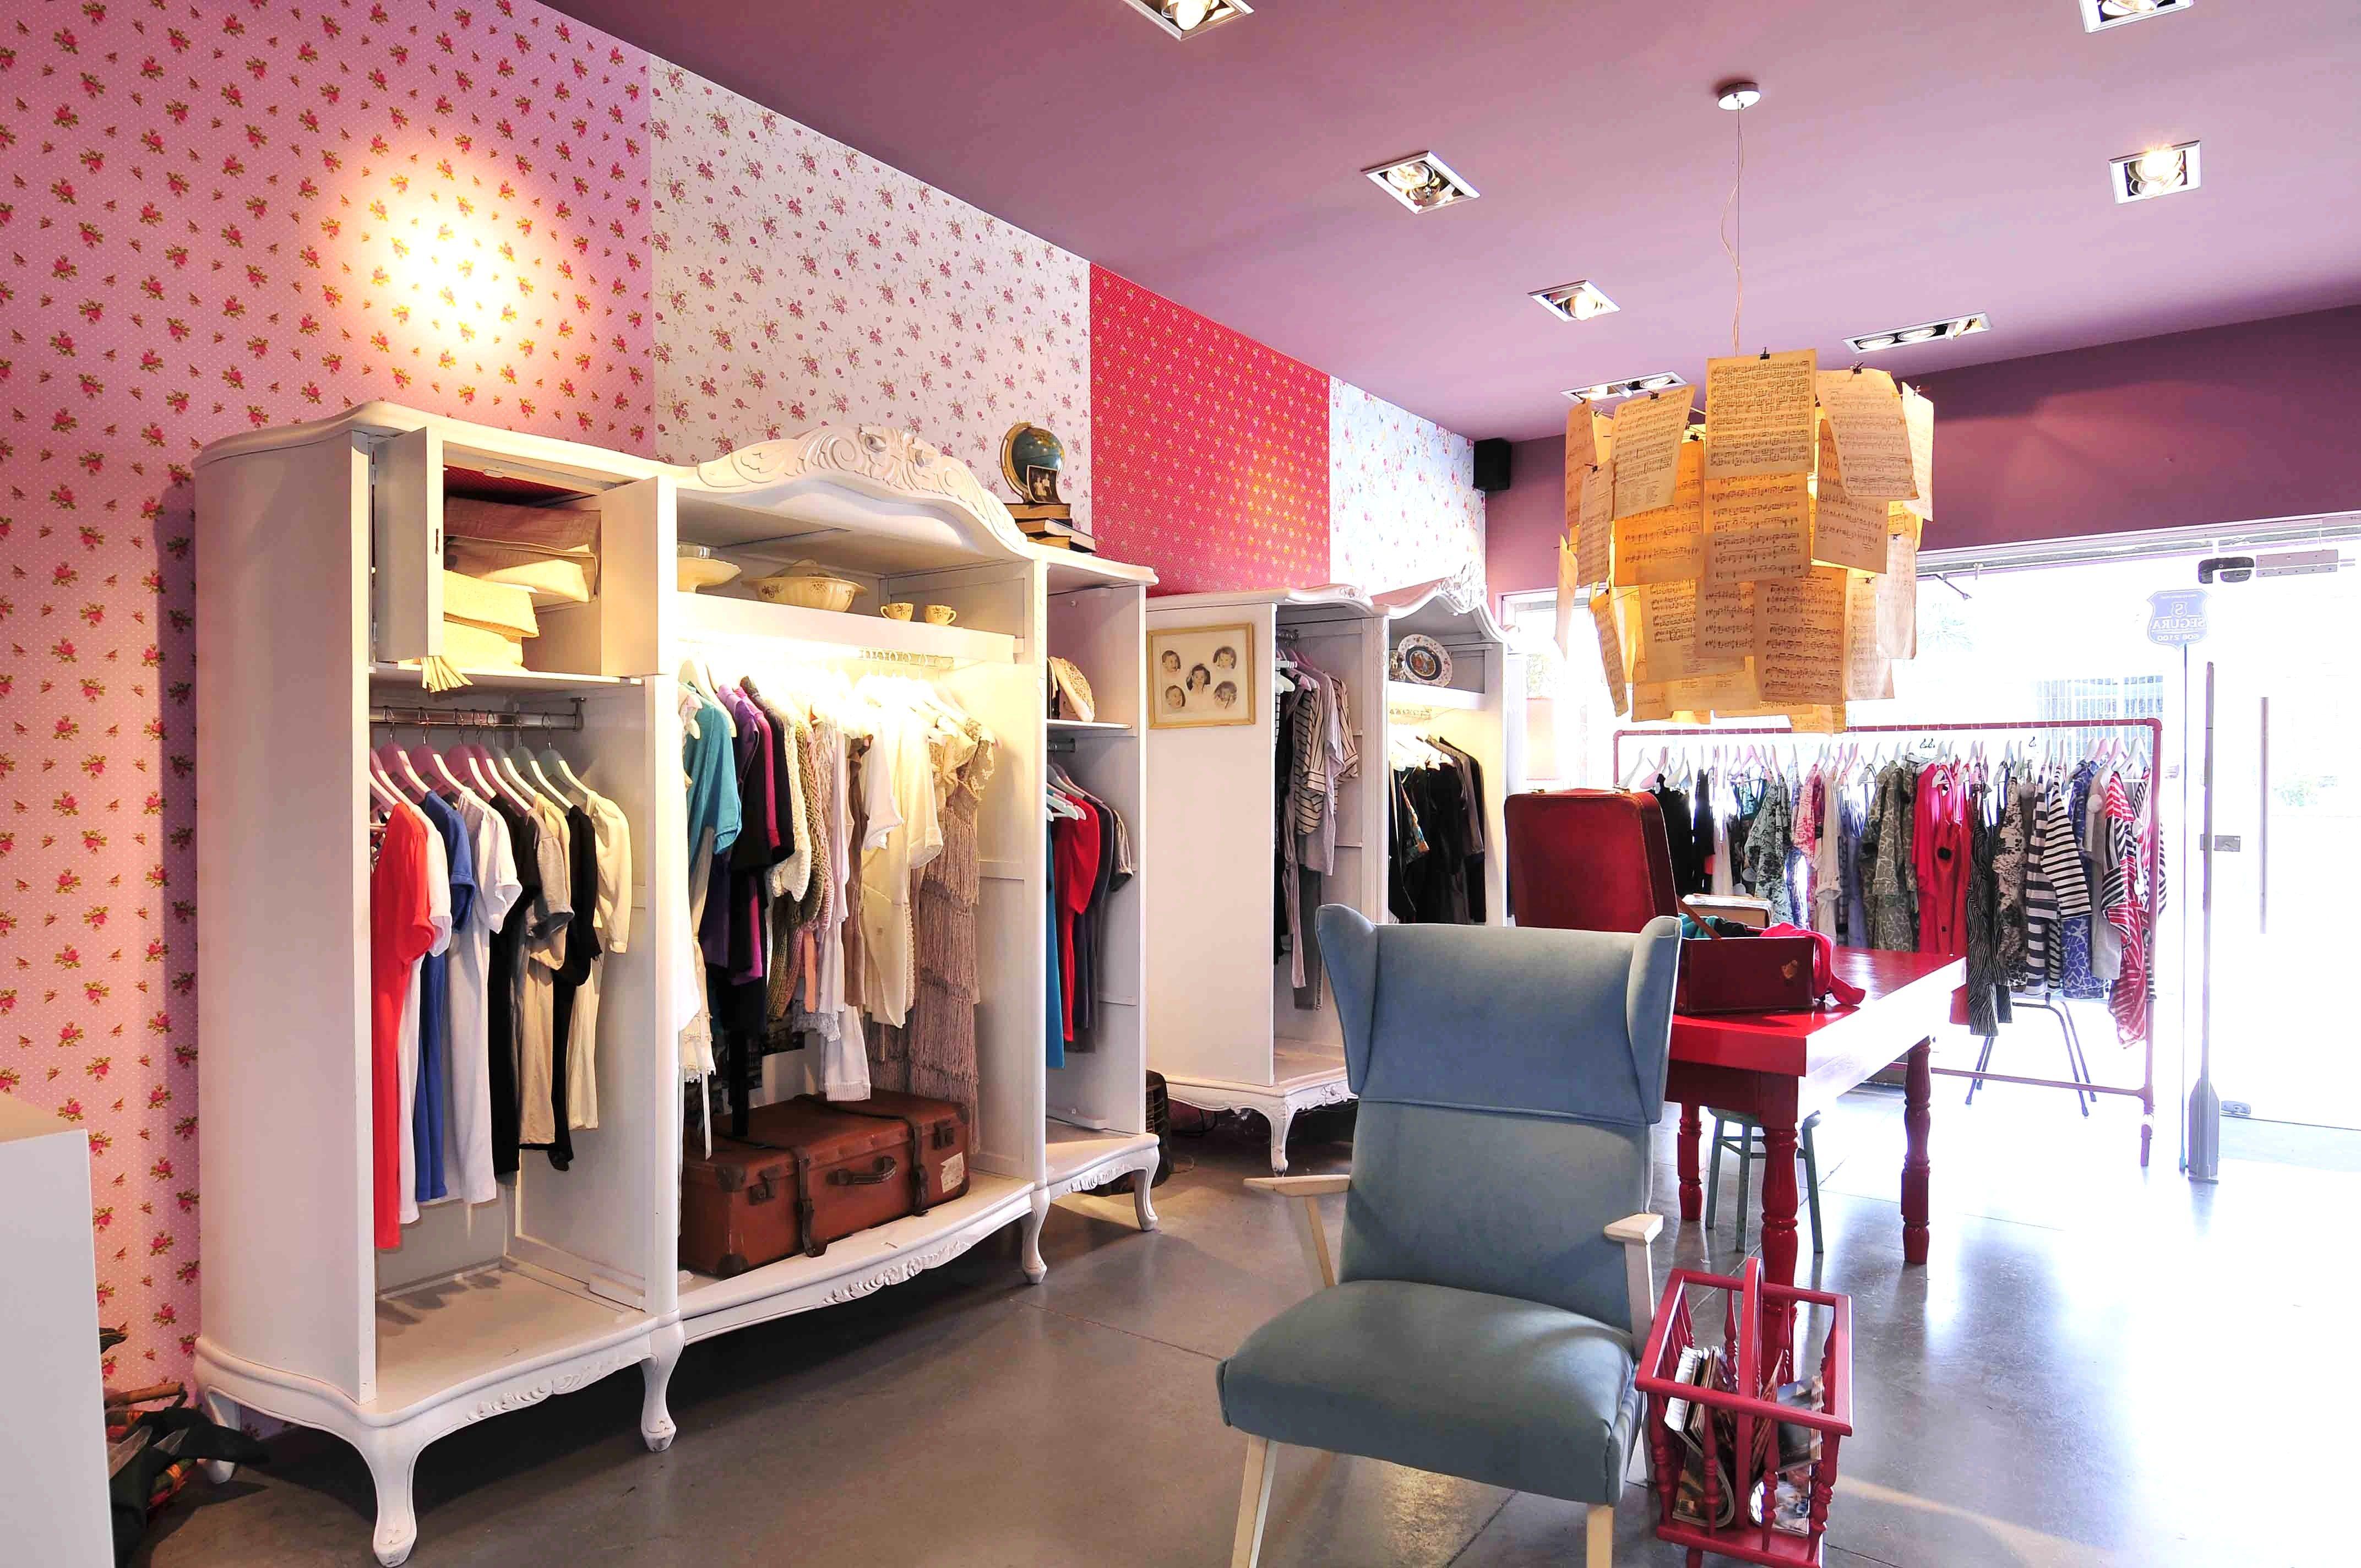 Comercio tienda ropa visual merchandising pinterest for Decoracion de interiores logo